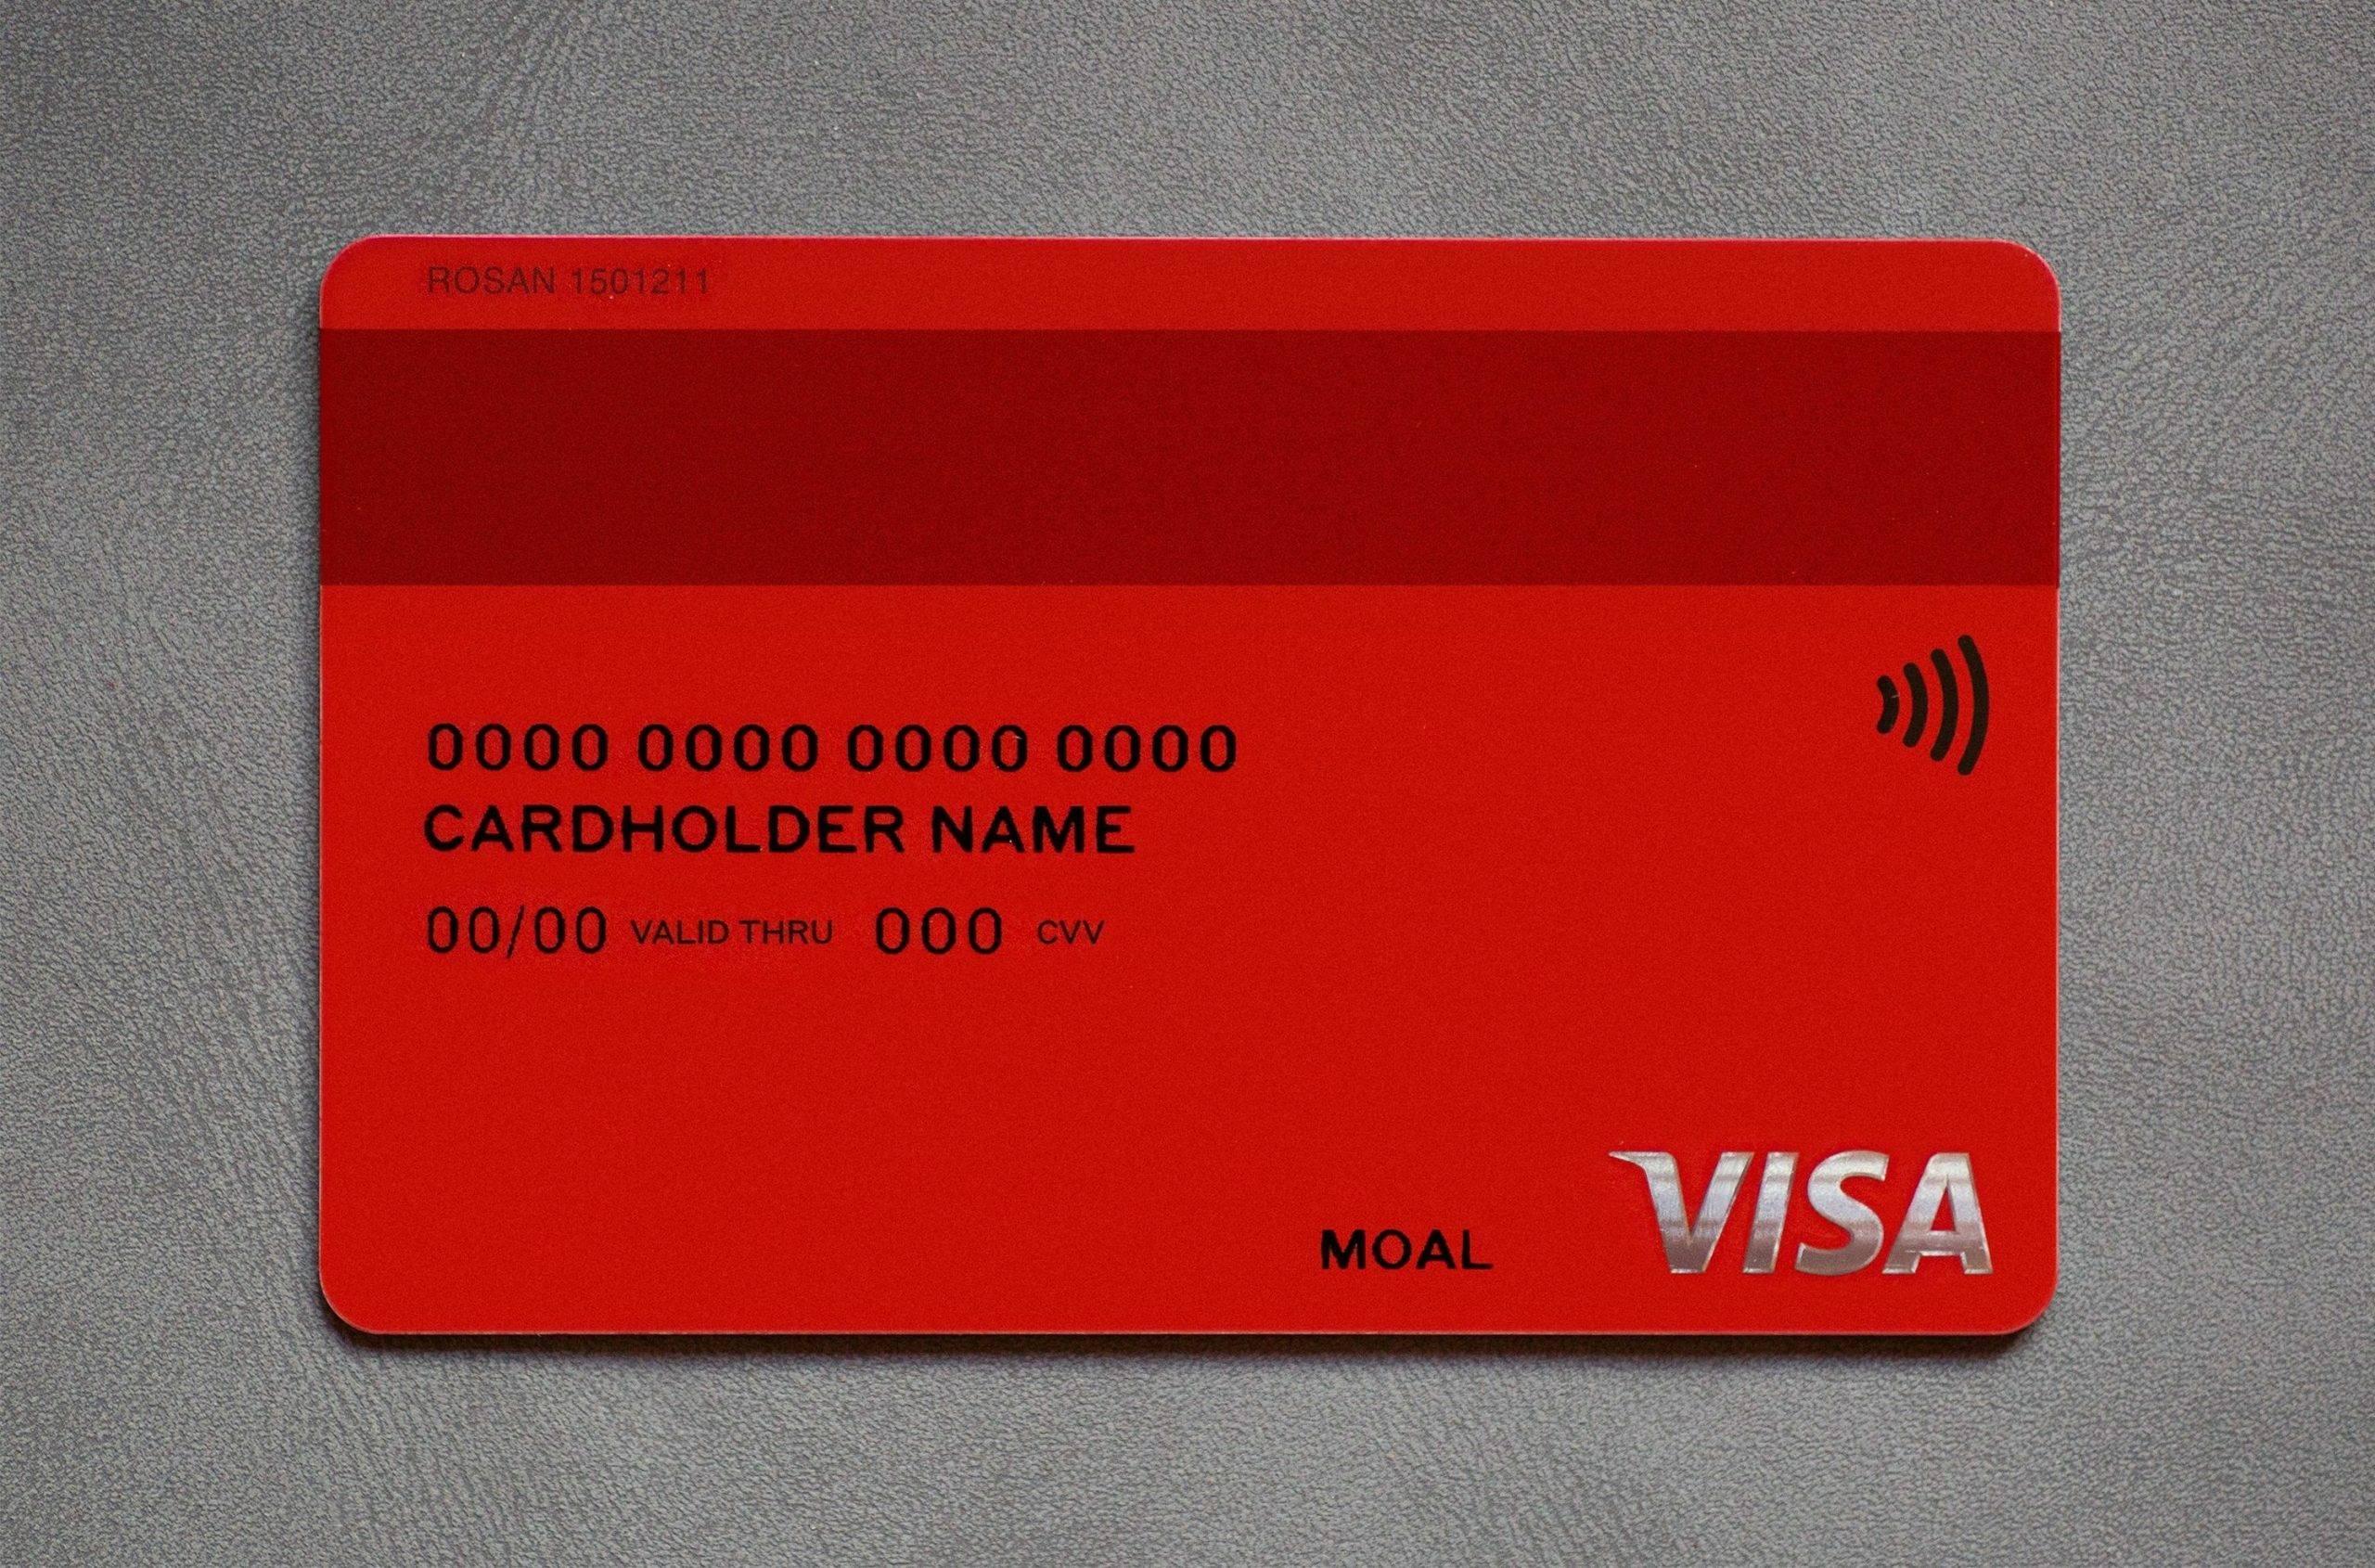 alfa card.jpg1 scaled